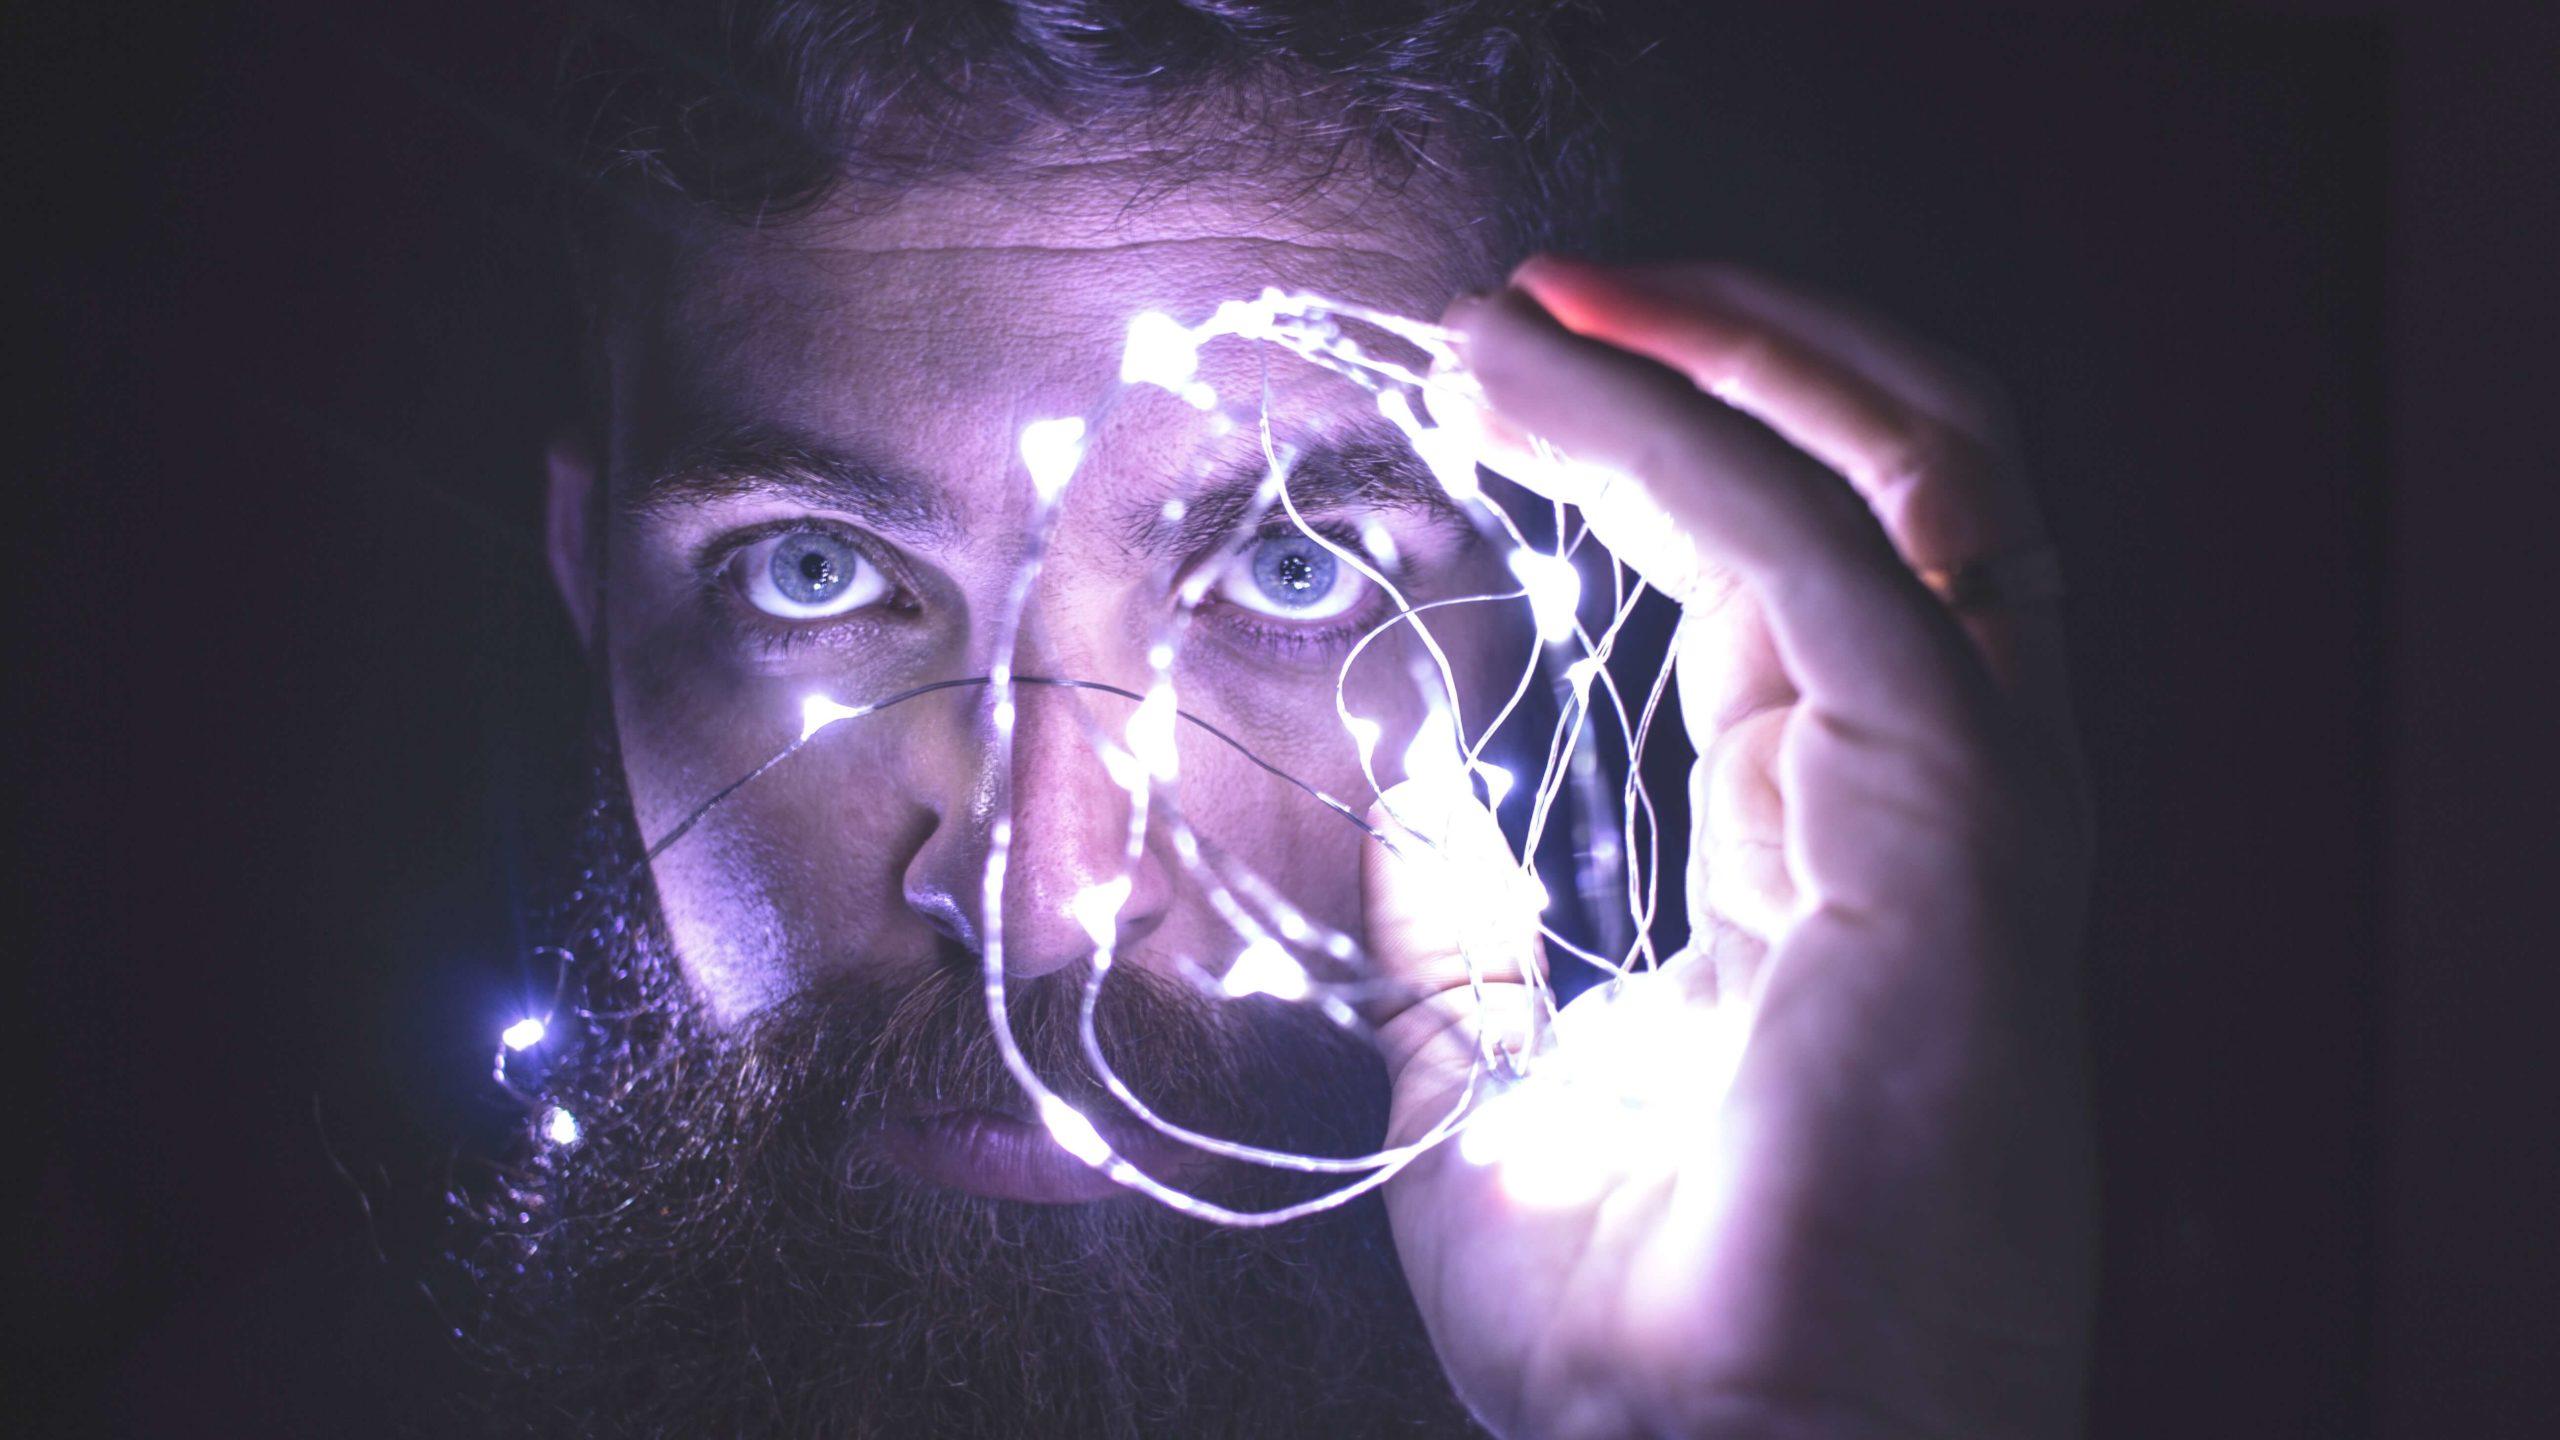 Mann hält Lichterkette vors Gesicht